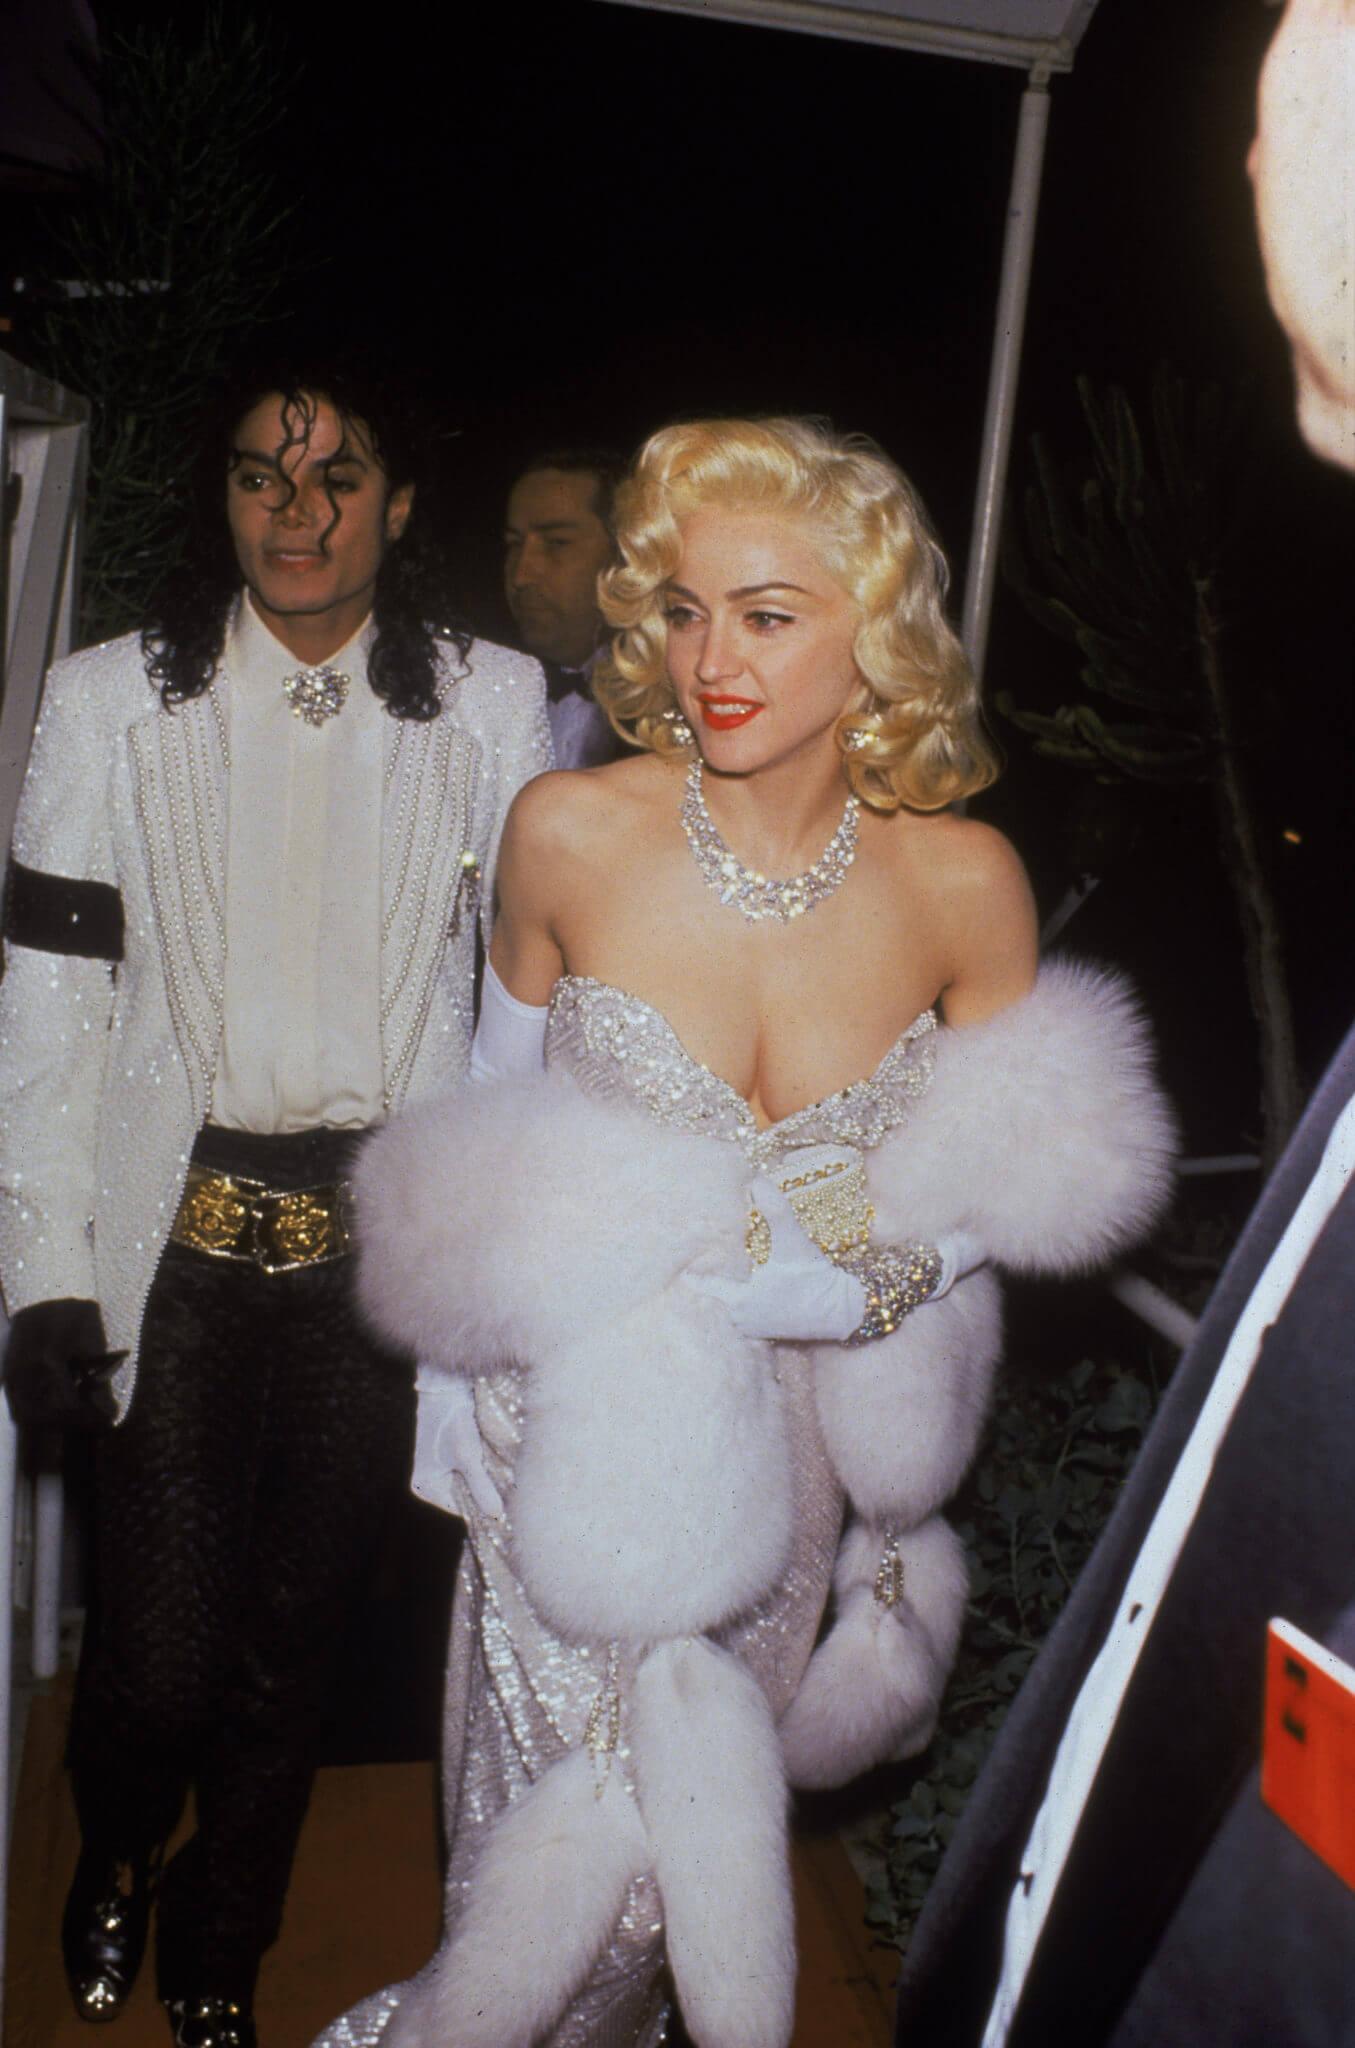 Micheal Jackson y Madonna en los Oscar de 1991. Fotografía: David McGough/DMI/Time & Life Pictures/Getty Images